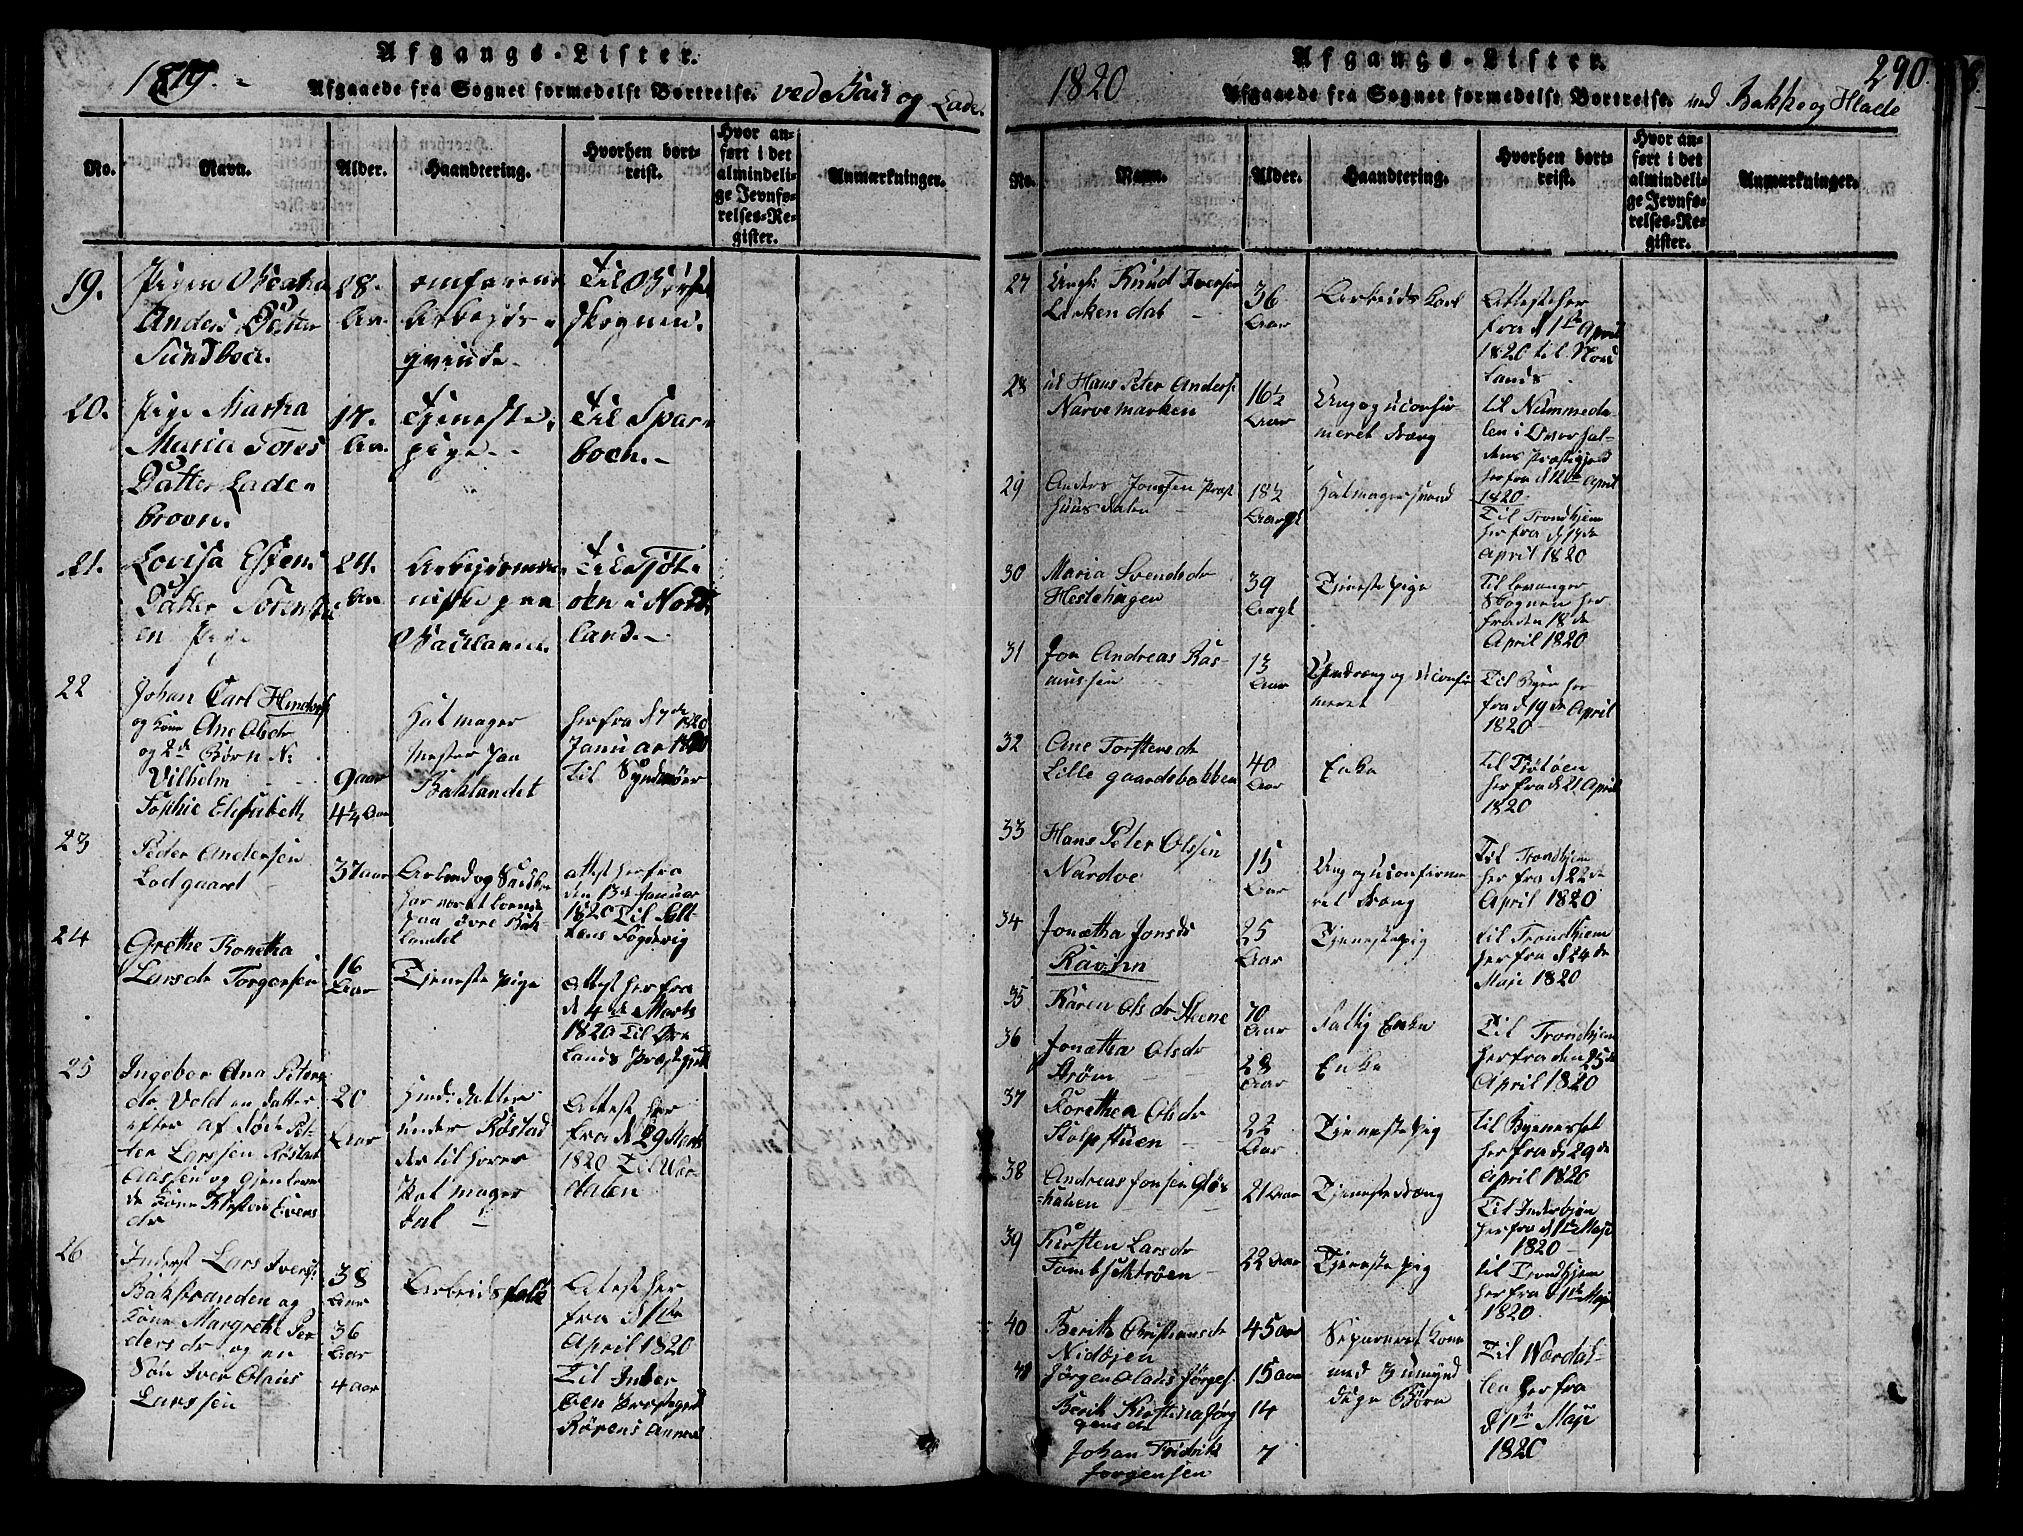 SAT, Ministerialprotokoller, klokkerbøker og fødselsregistre - Sør-Trøndelag, 606/L0307: Klokkerbok nr. 606C03, 1817-1824, s. 290